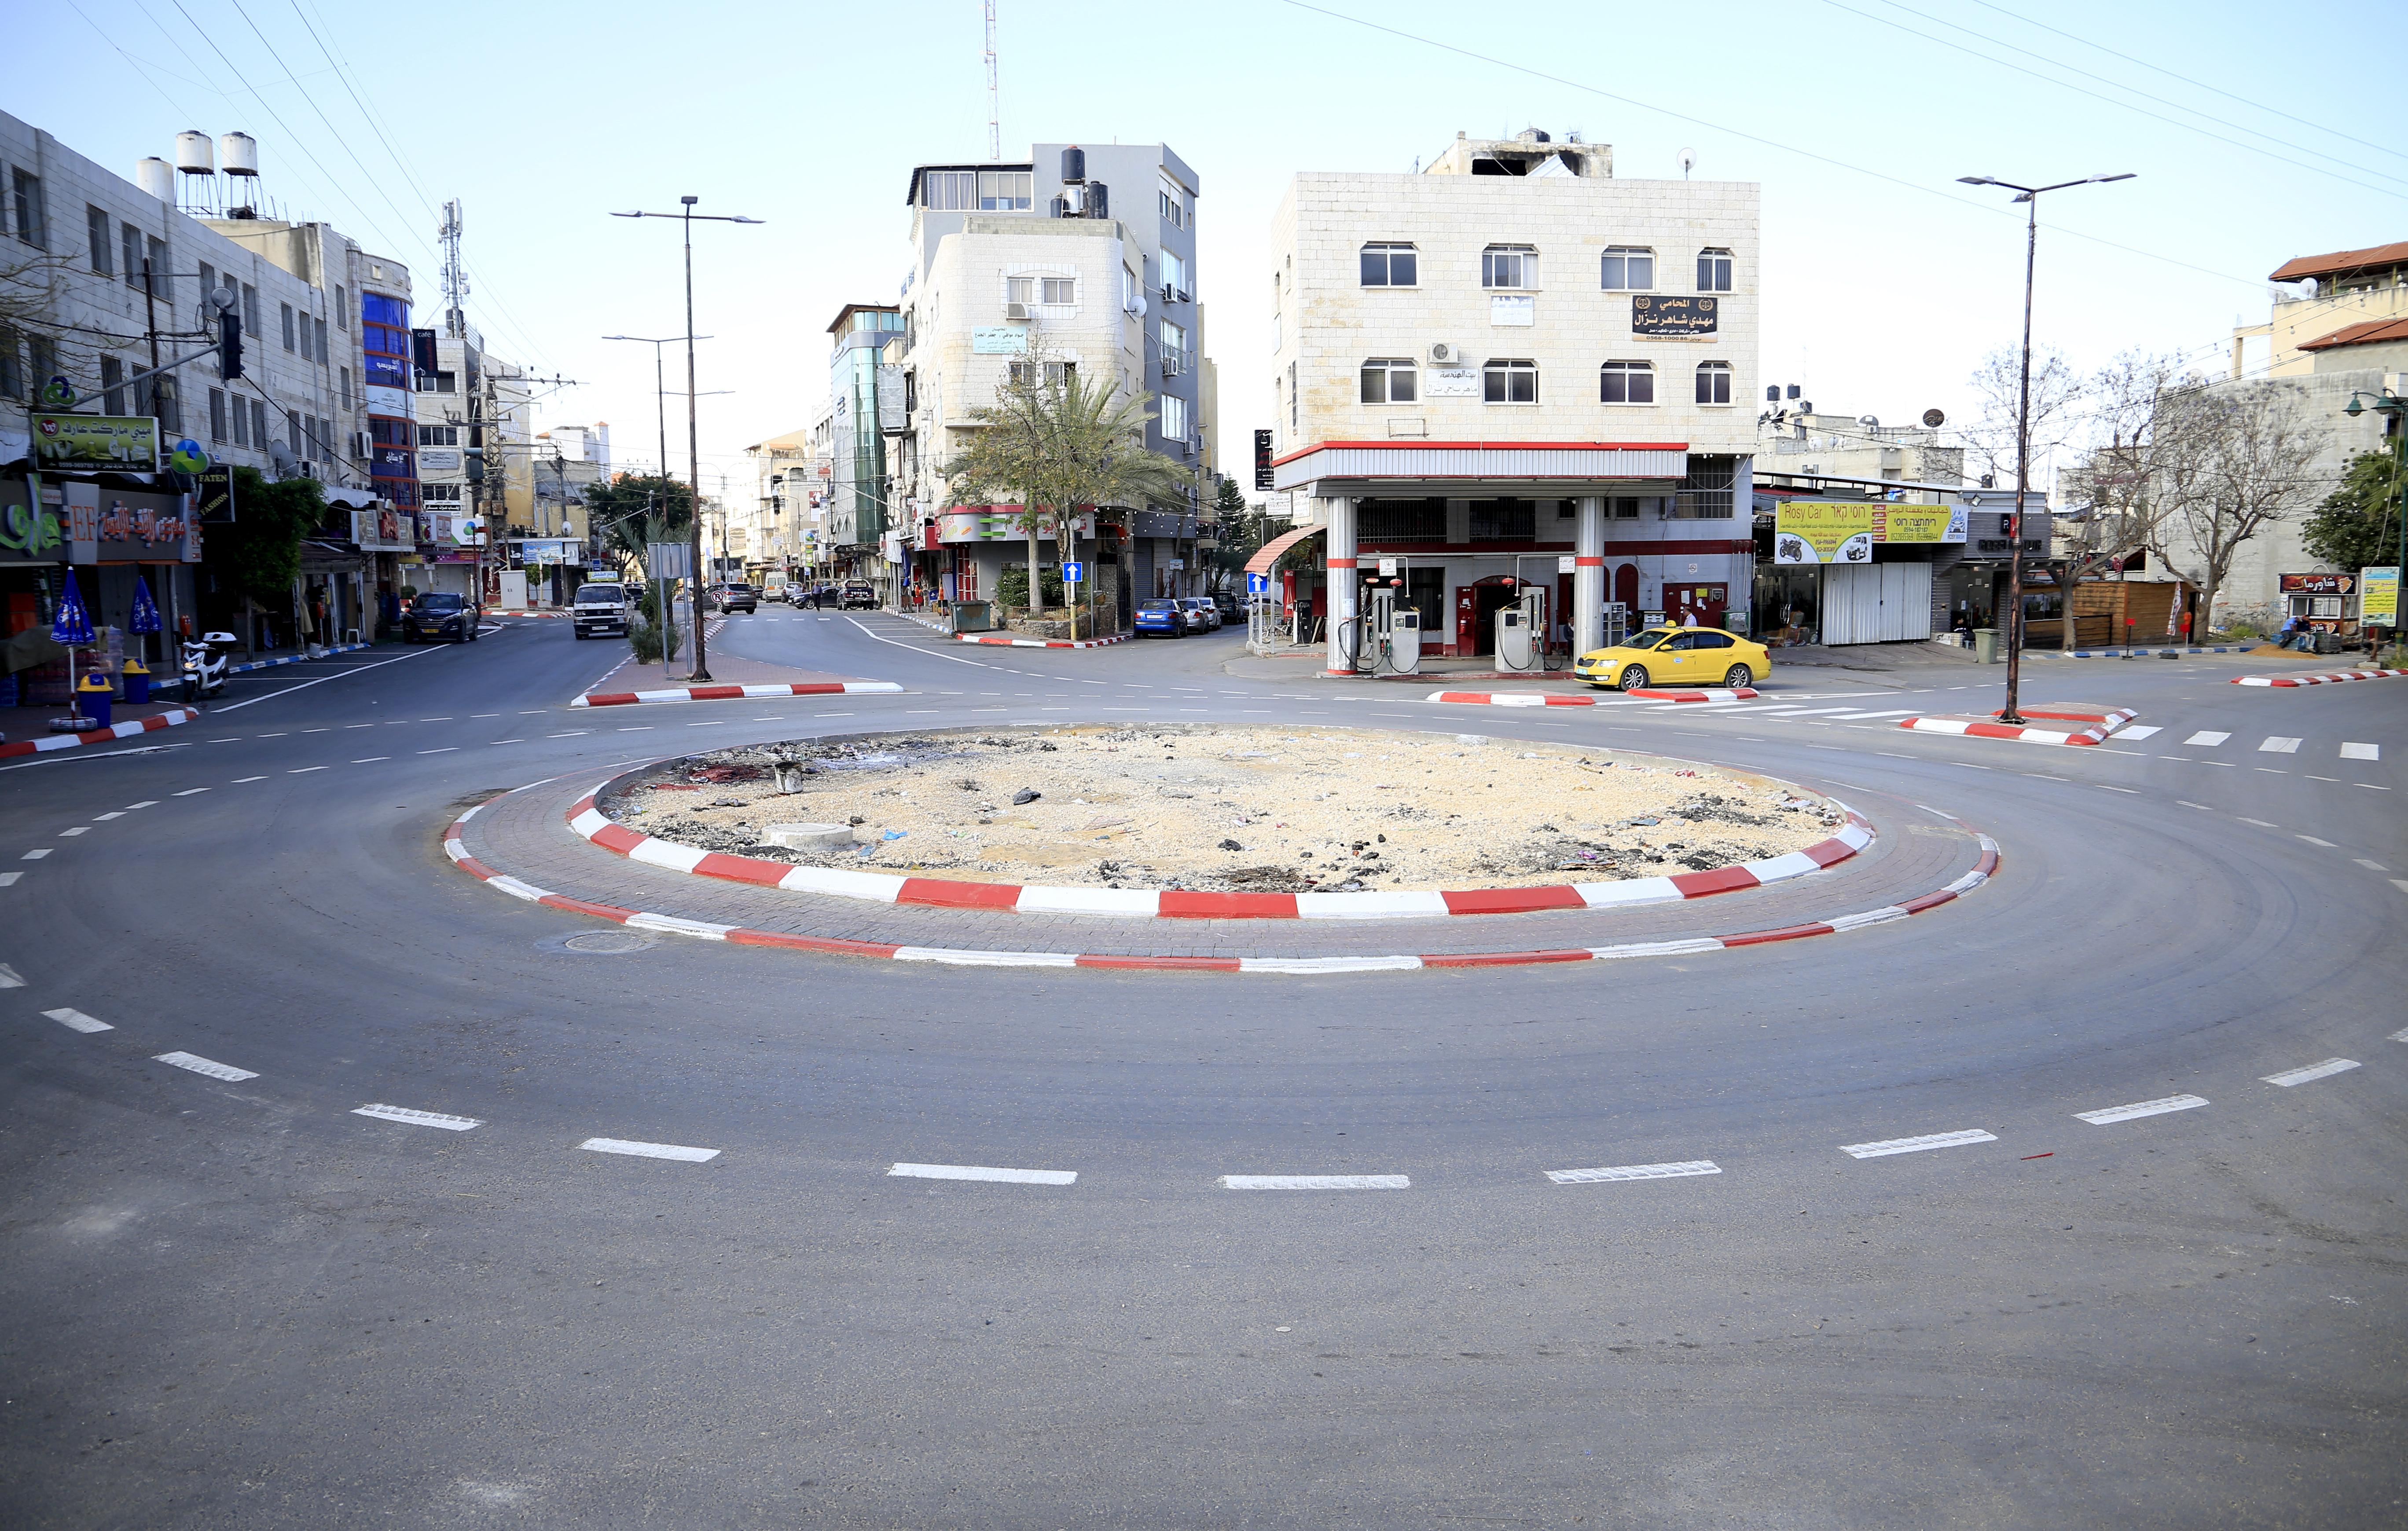 البلدية تقوم بتخطيط شوارع وممرات مشاة